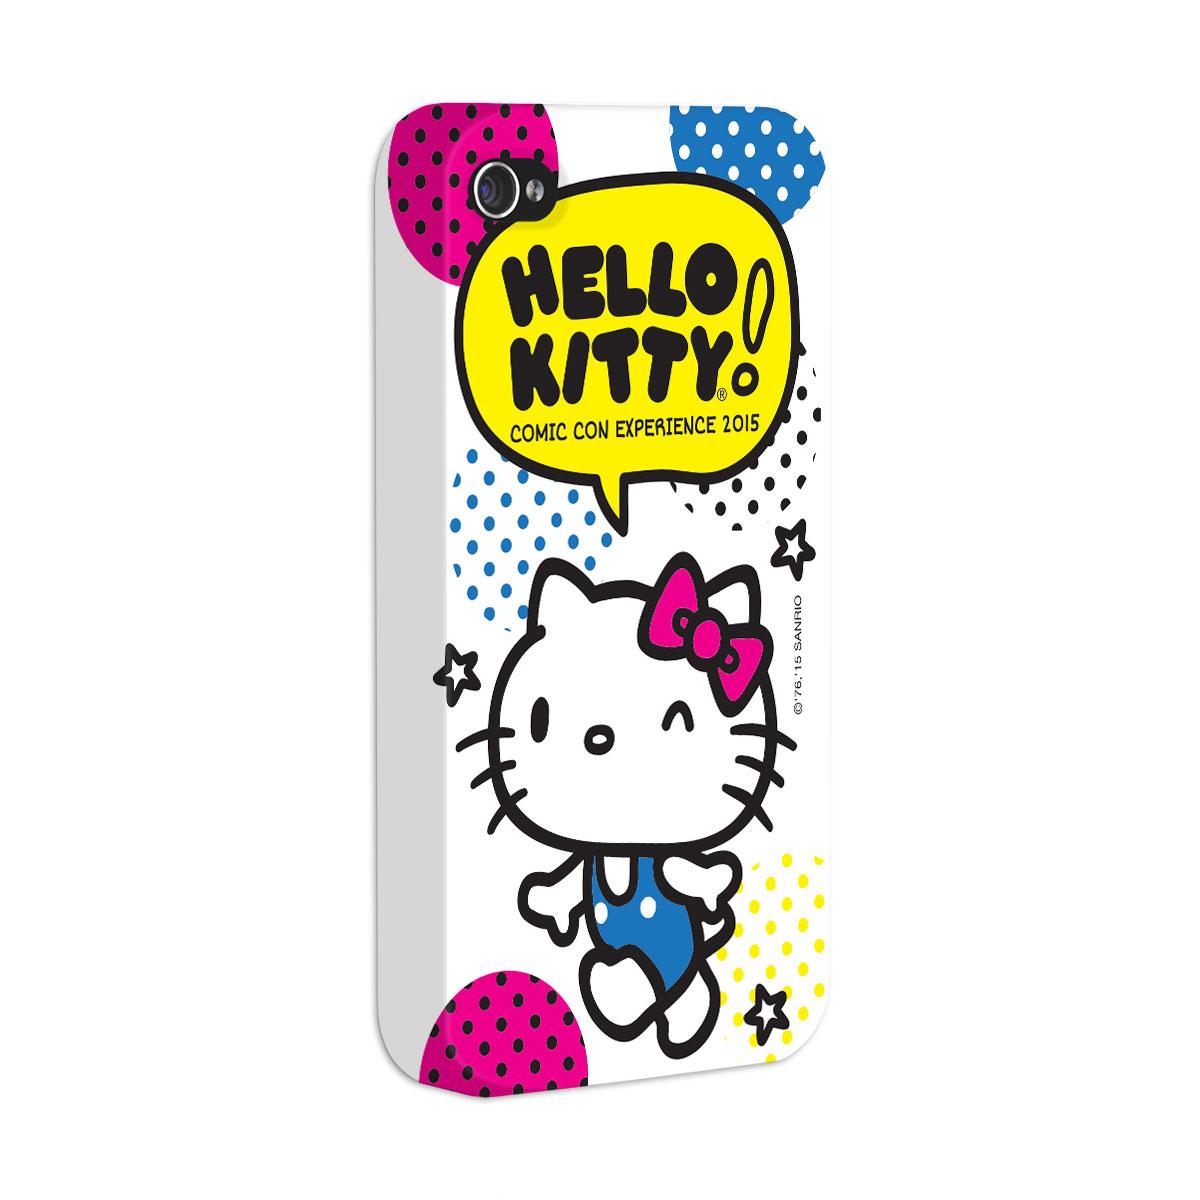 Capa para iPhone 4/4S Hello Kitty Comic Con Experience